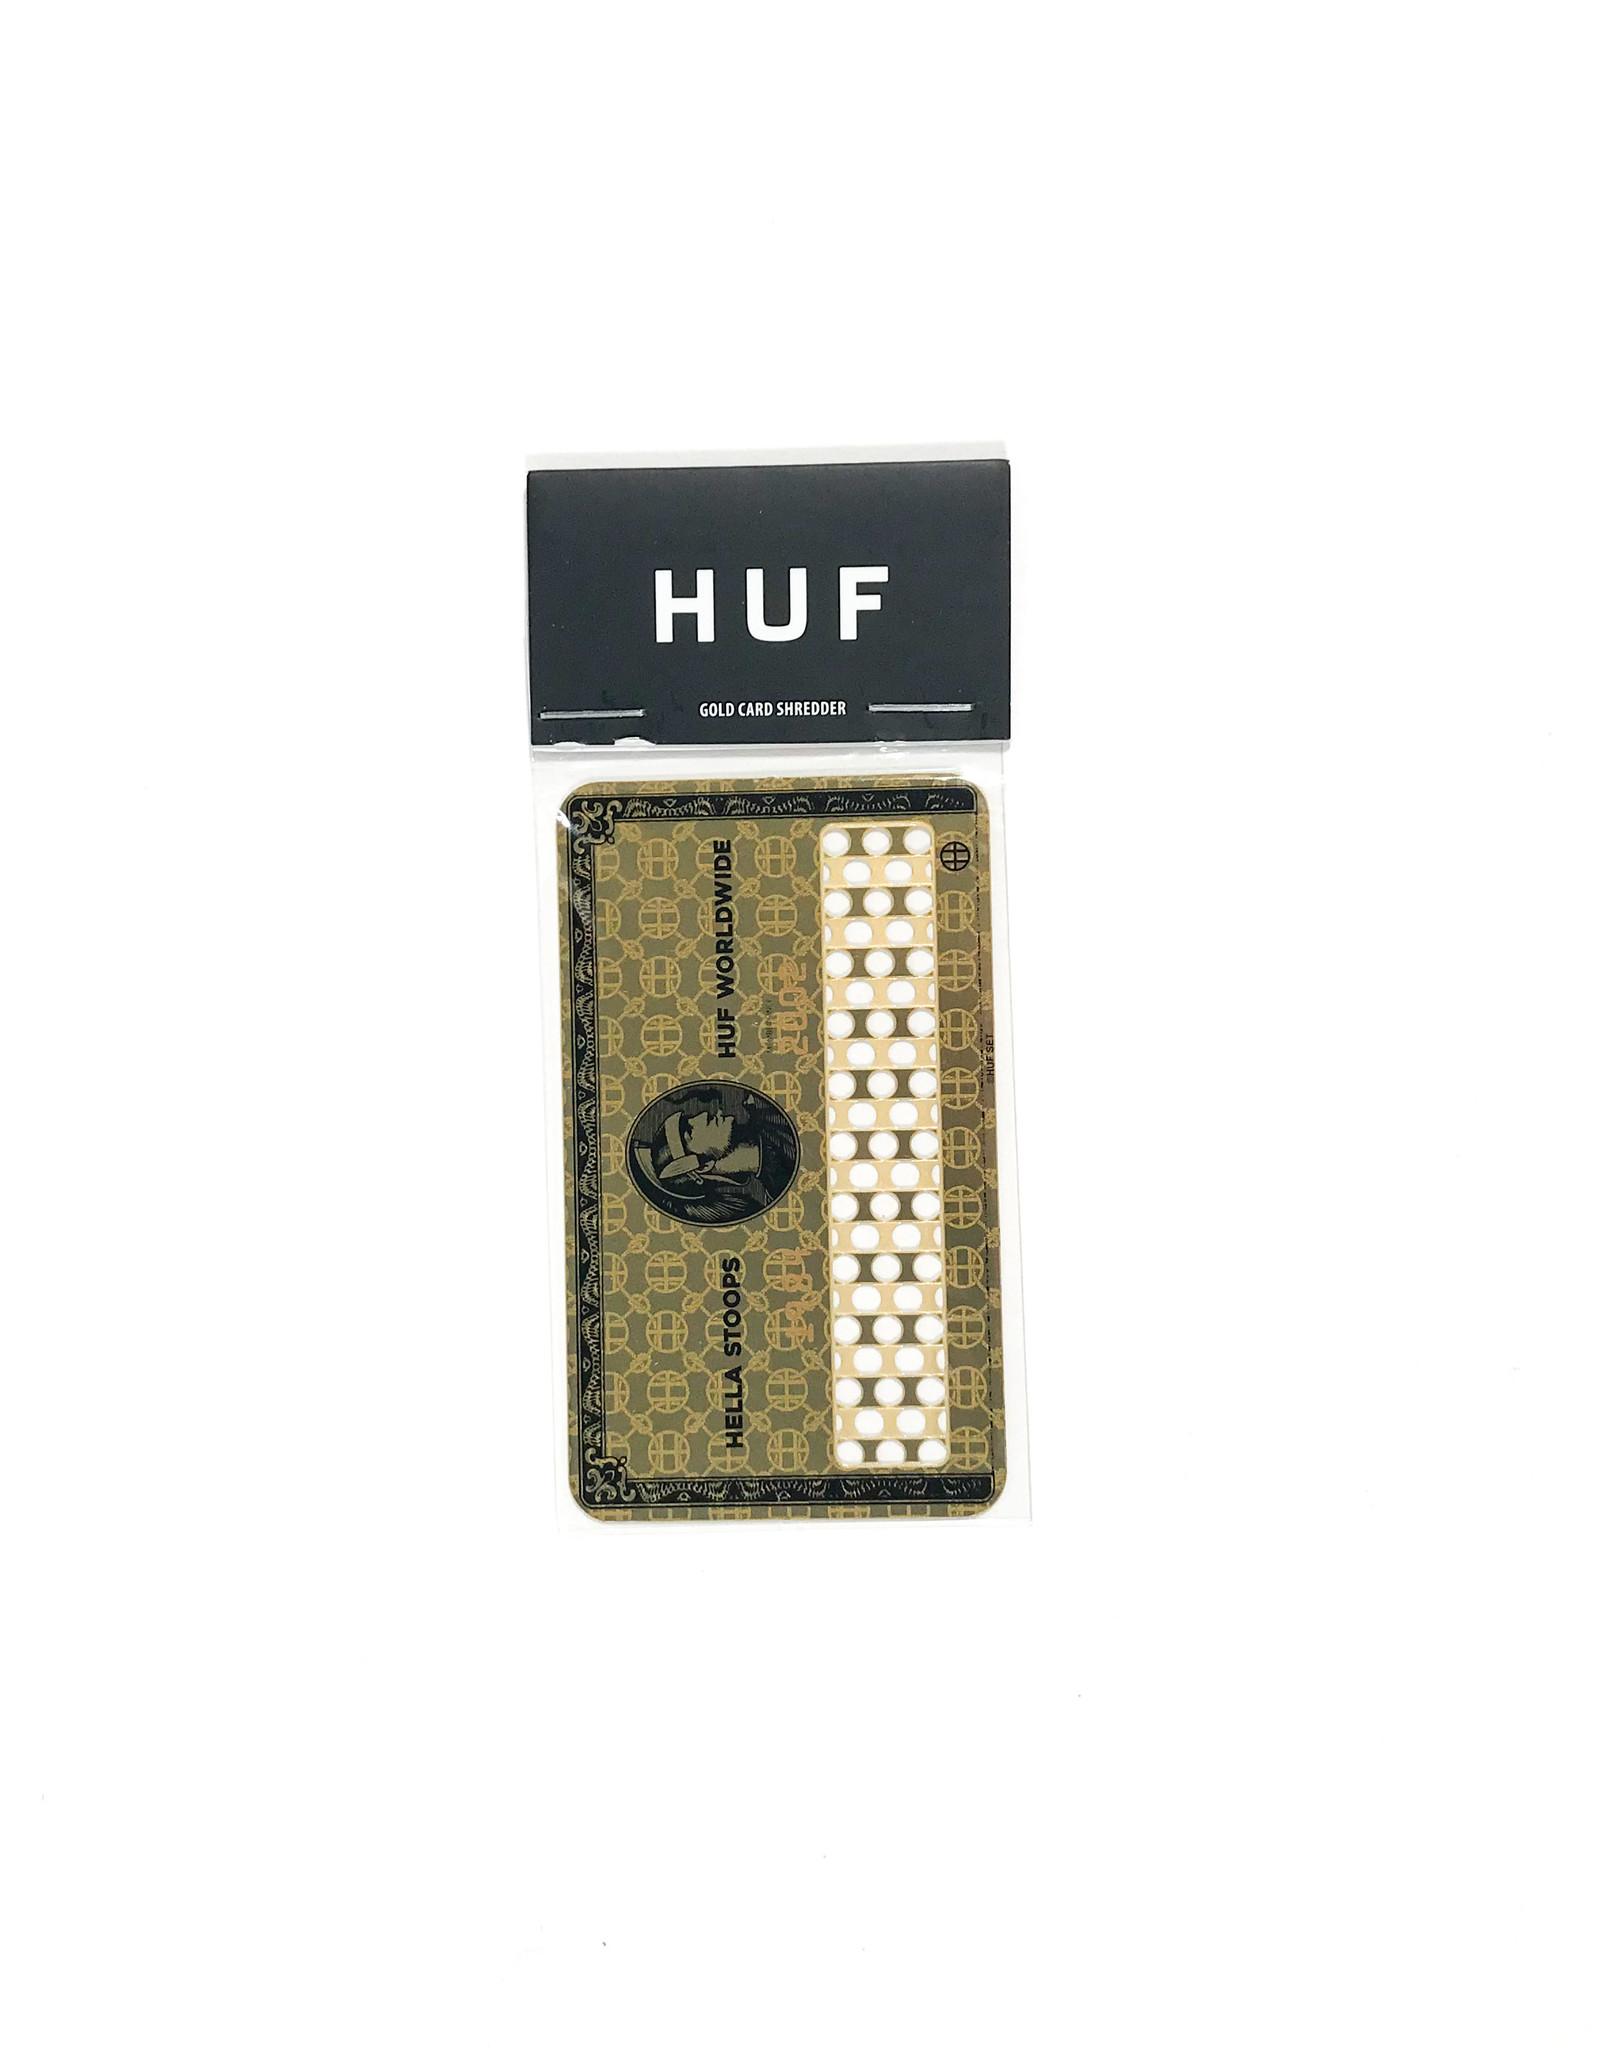 HUF CARD SHREDDER - GOLD